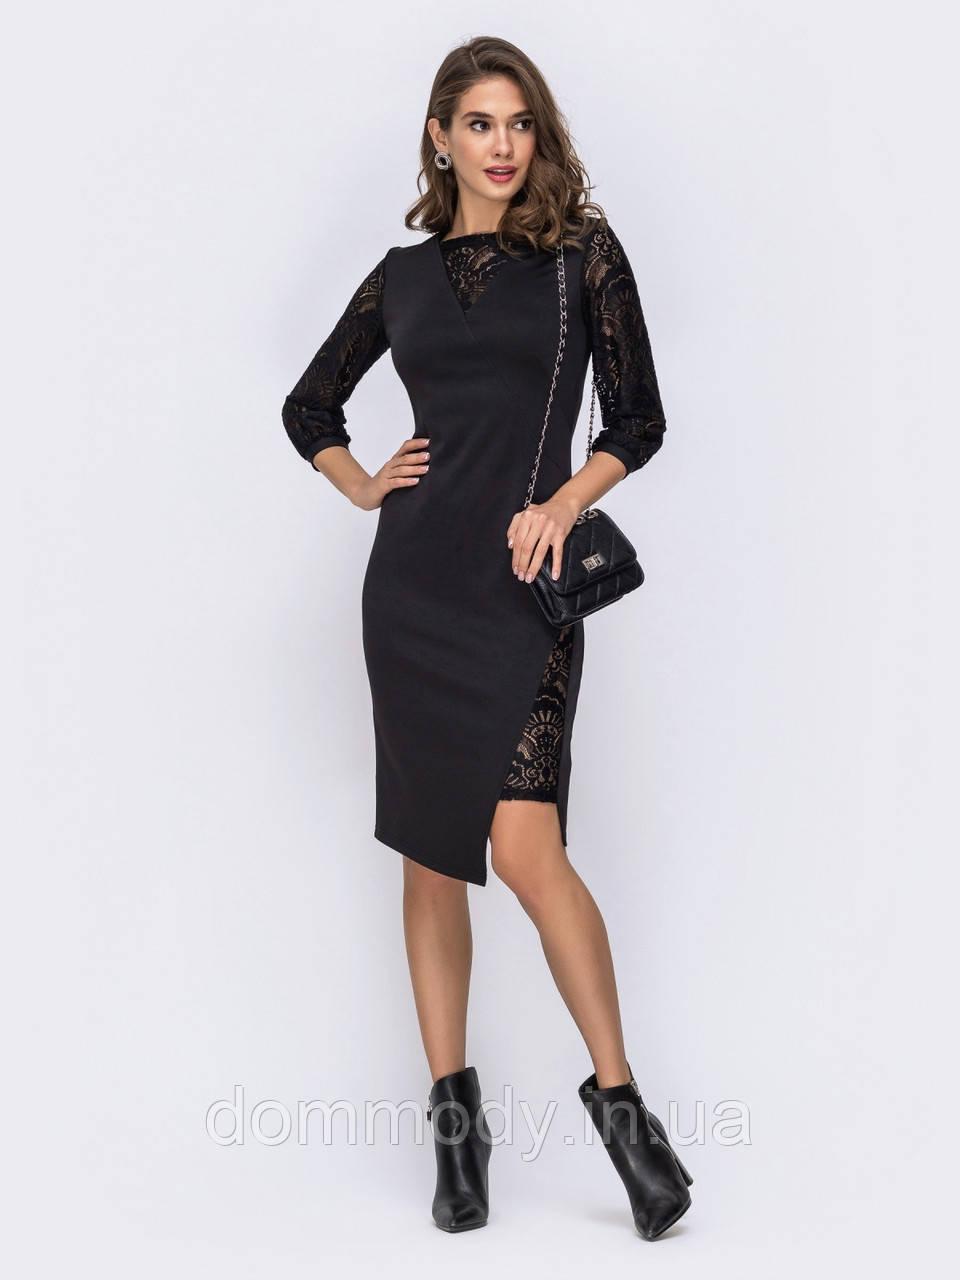 Платье женское Ava black